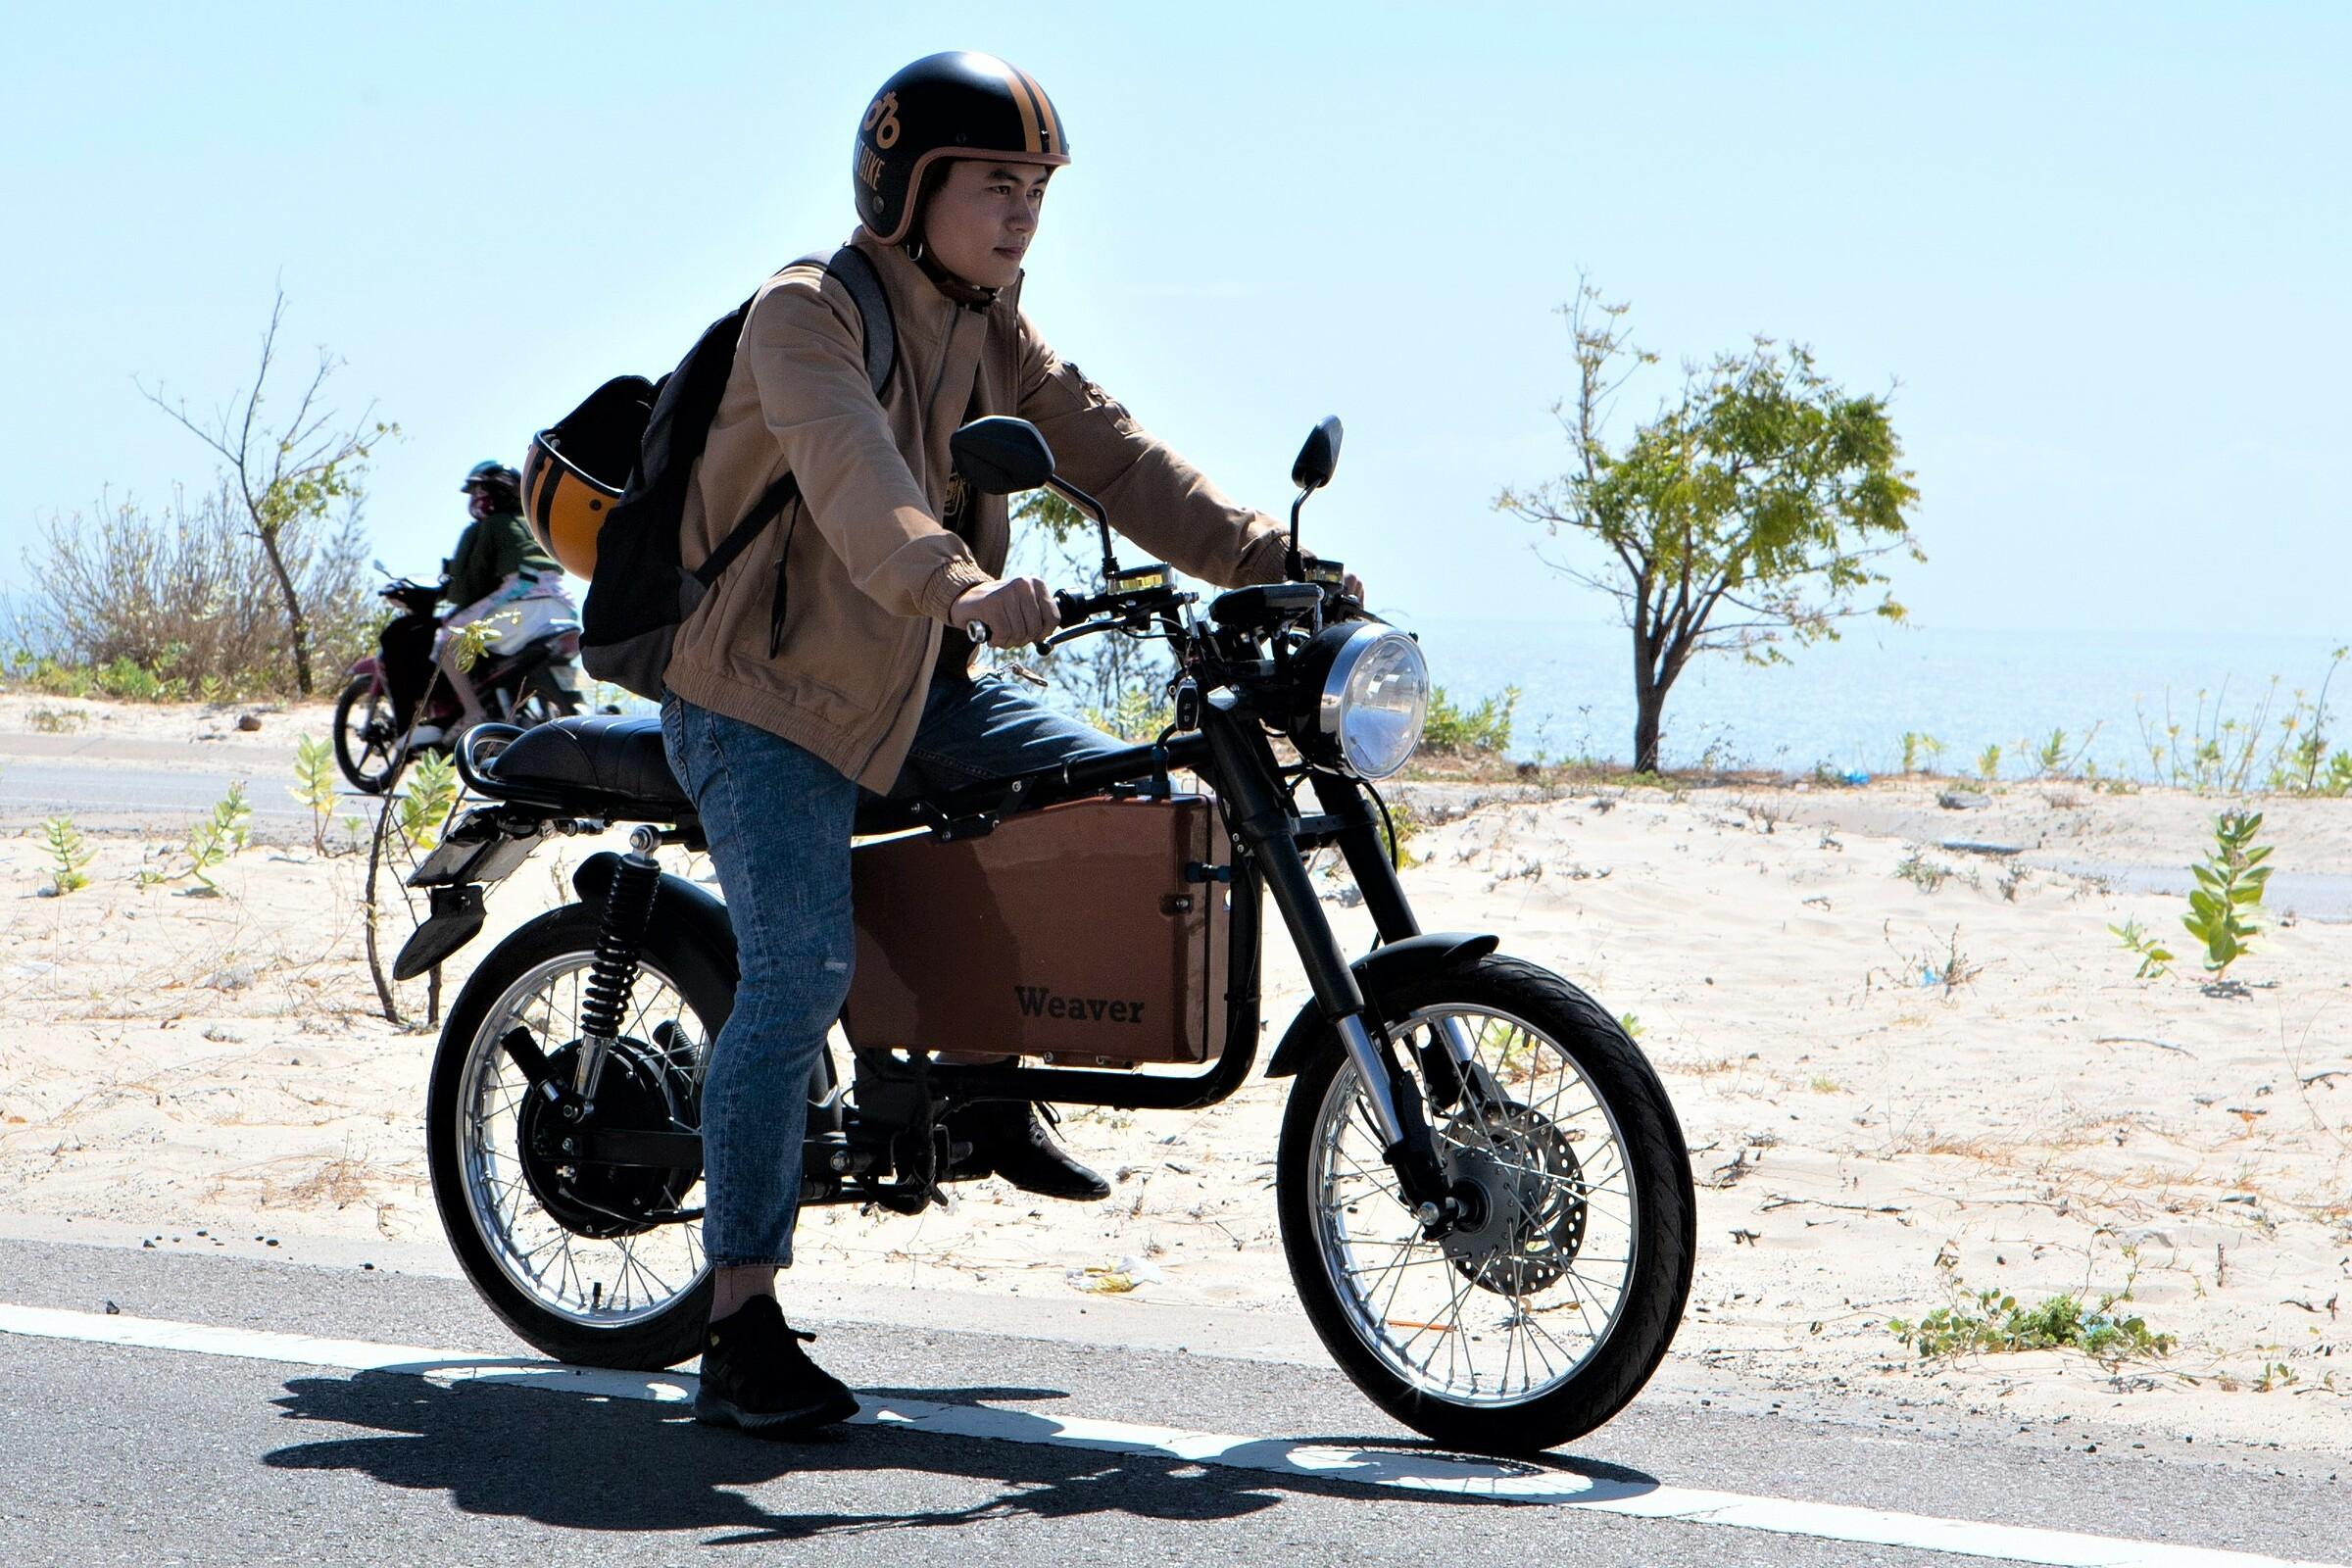 Mẫu xe máy điện đầu tiên của Dat Bike. Ảnh: Ny Bùi.